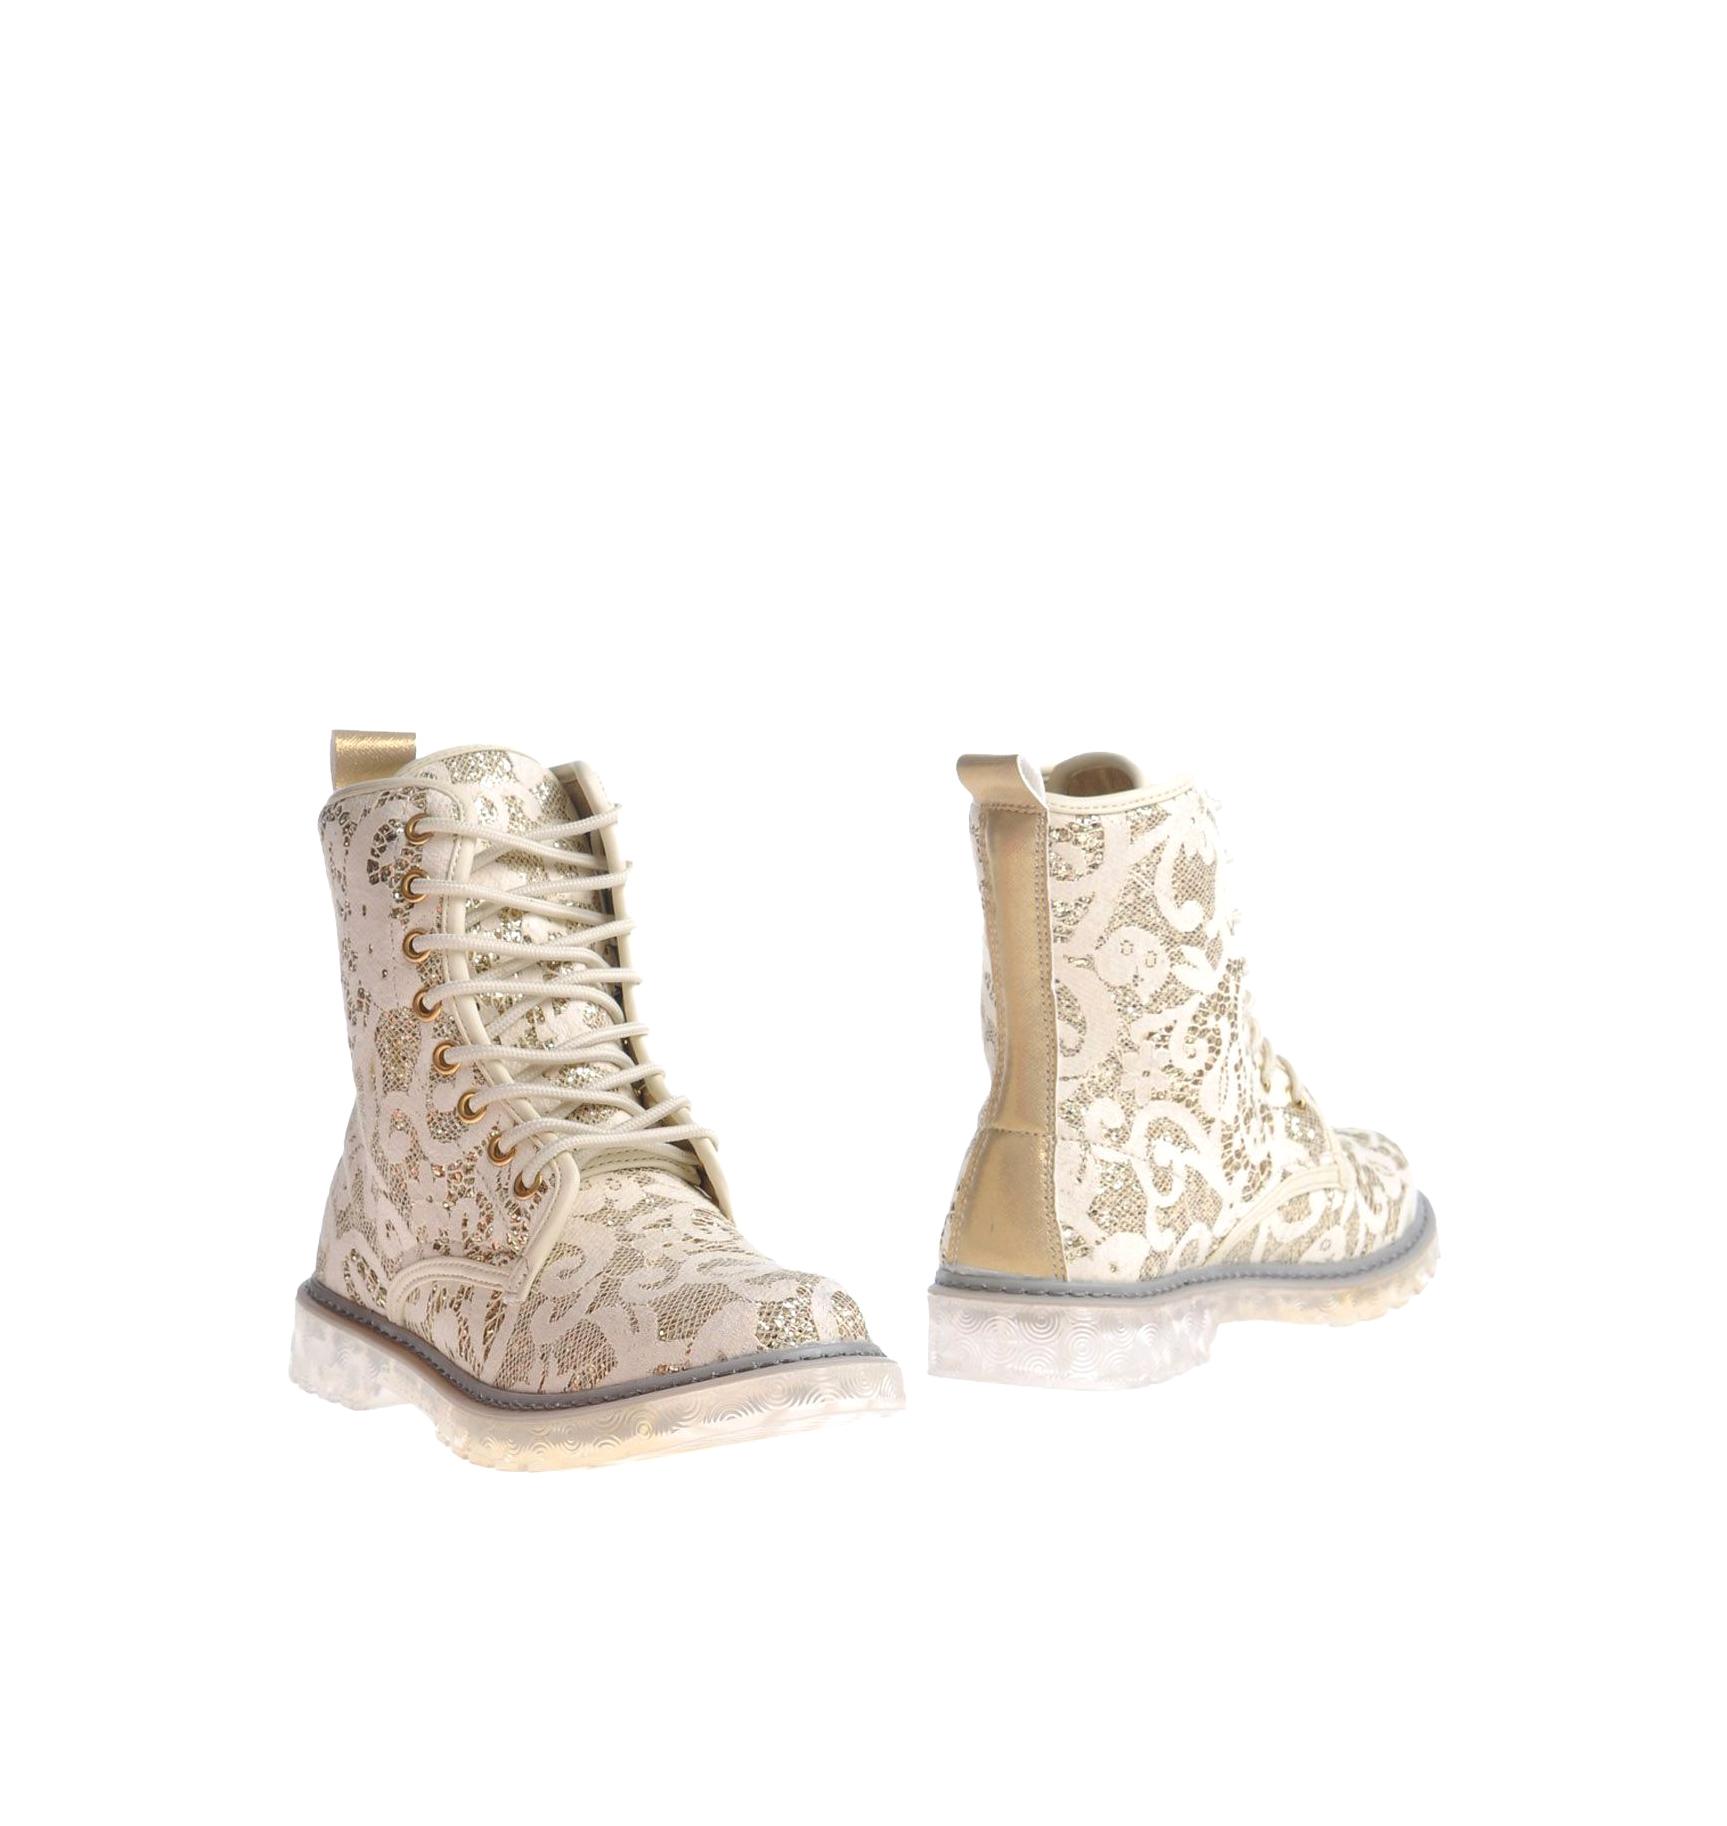 77e8bcabccc1 Dámske topánky - dámske zlato béžové členkové topánky